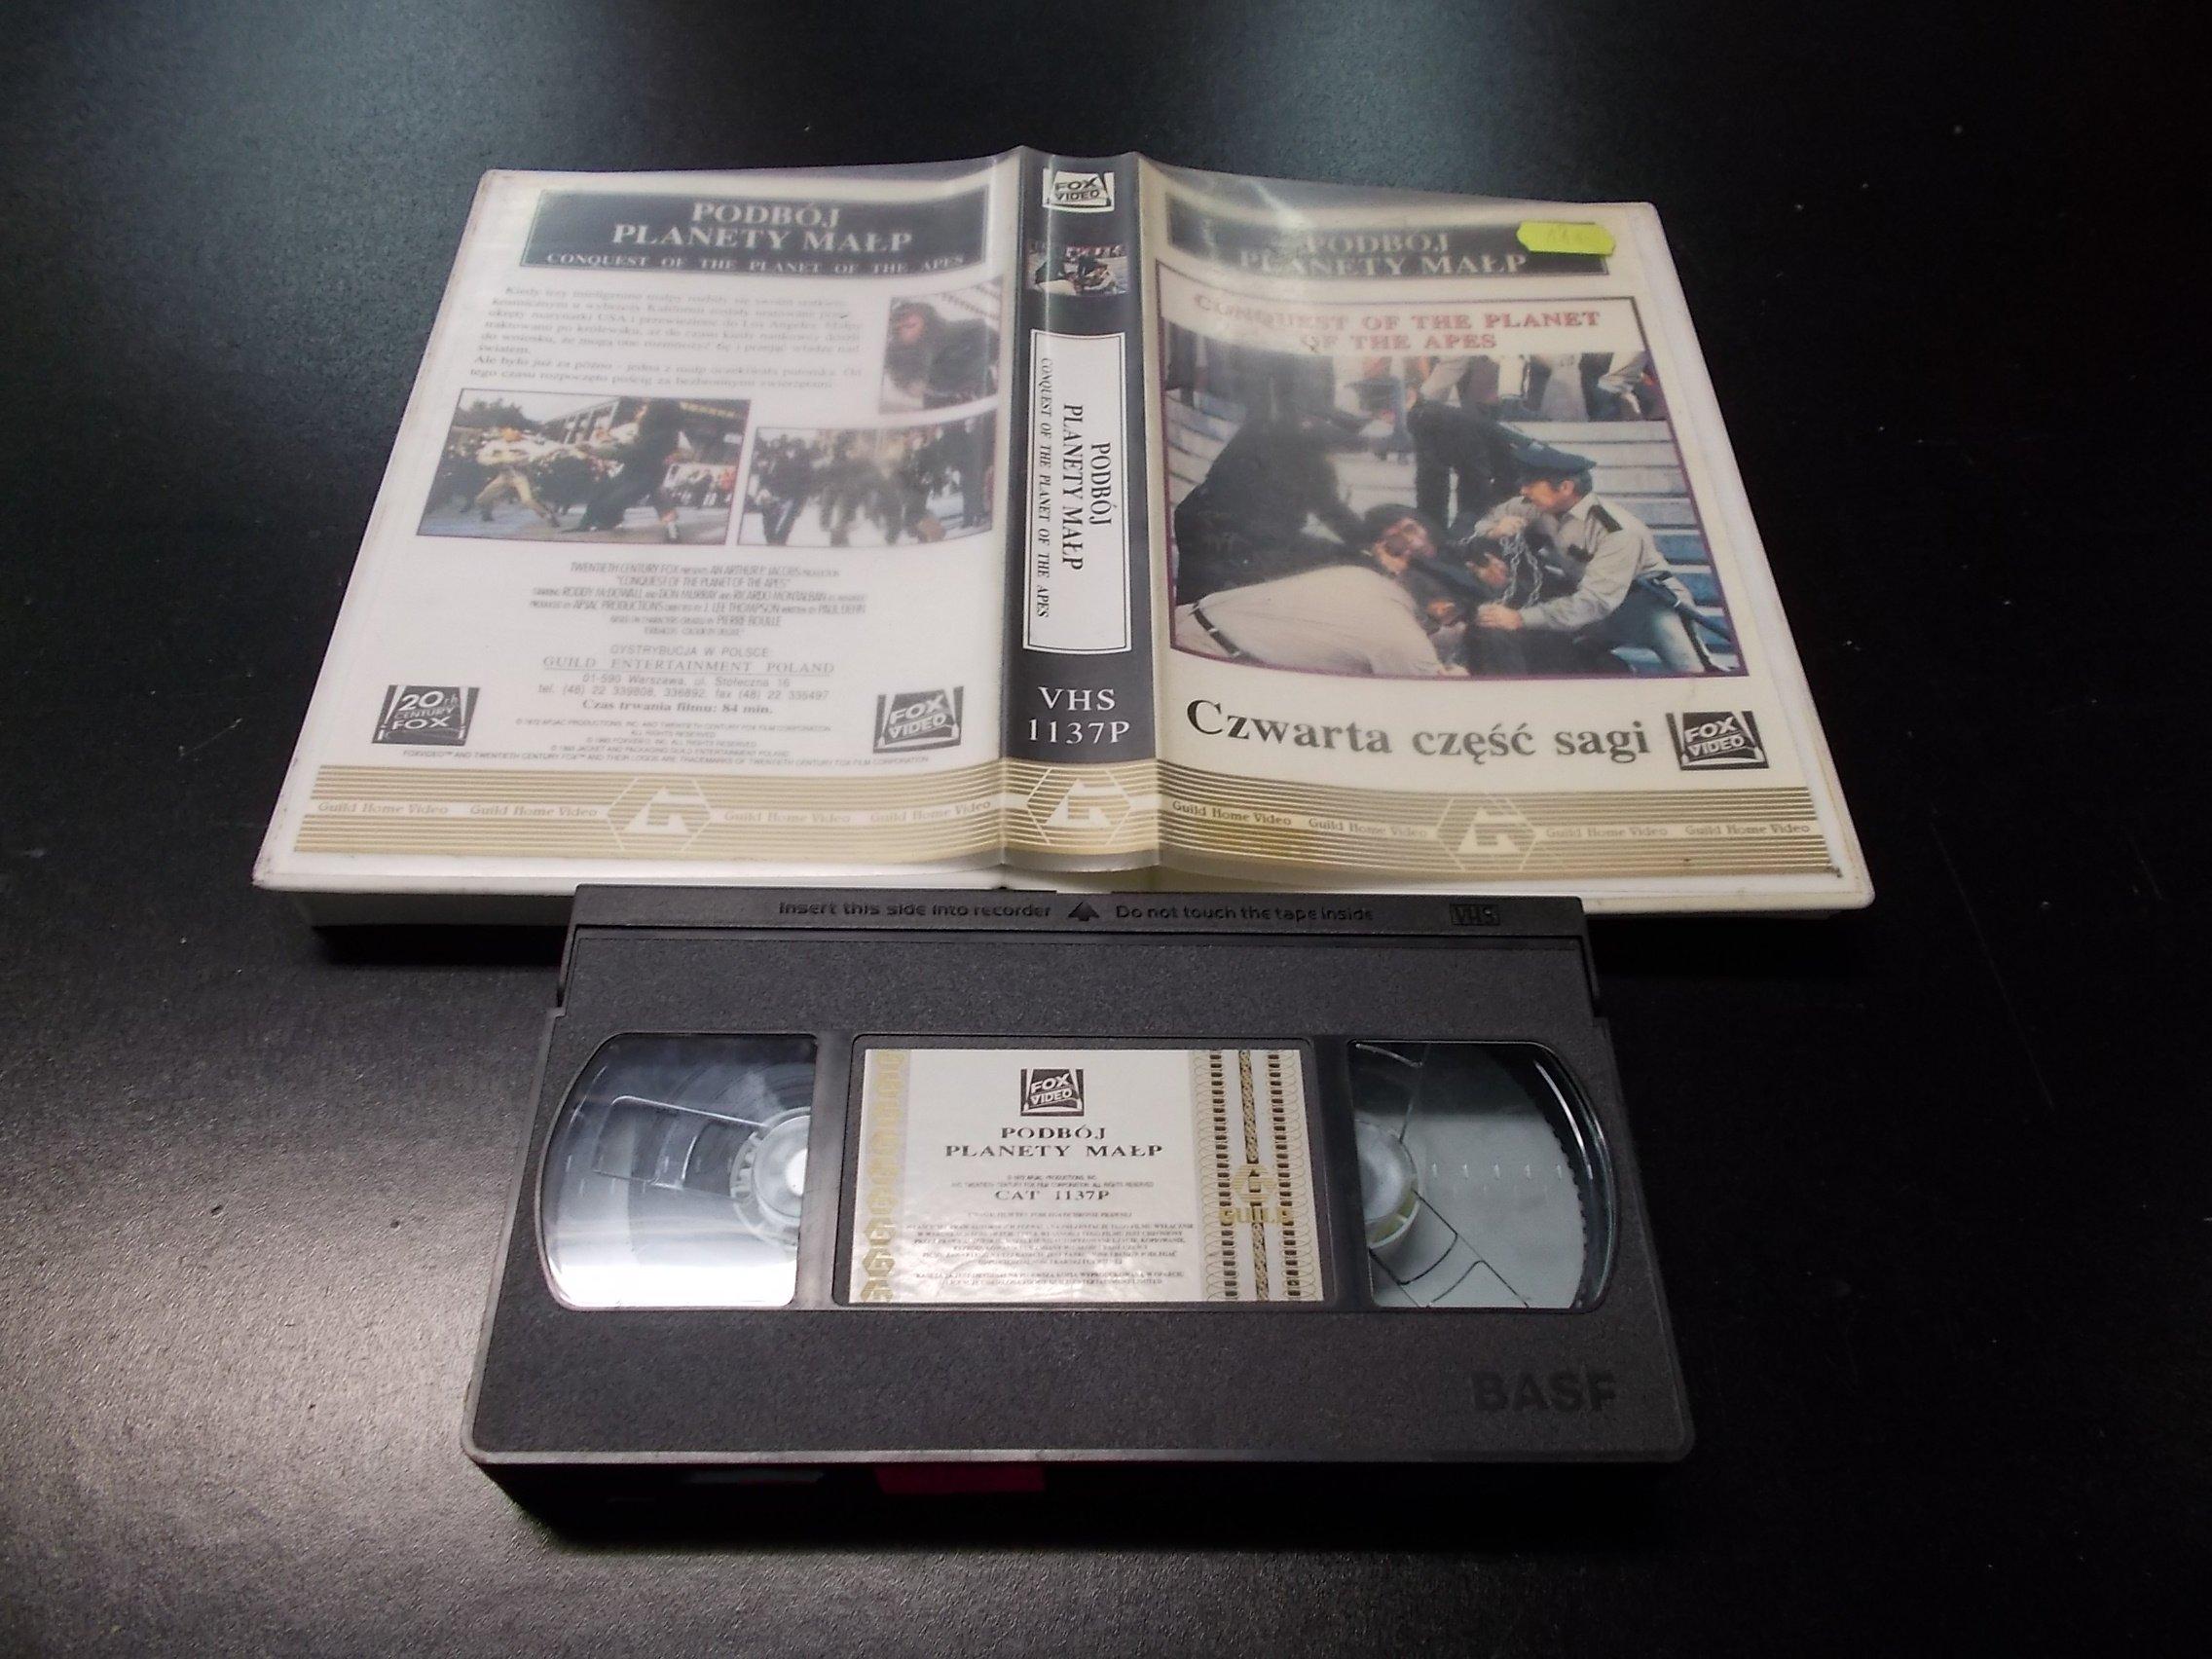 PODBÓJ PLANETY MAŁP  -  kaseta VHS - 1304 Opole - AlleOpole.pl